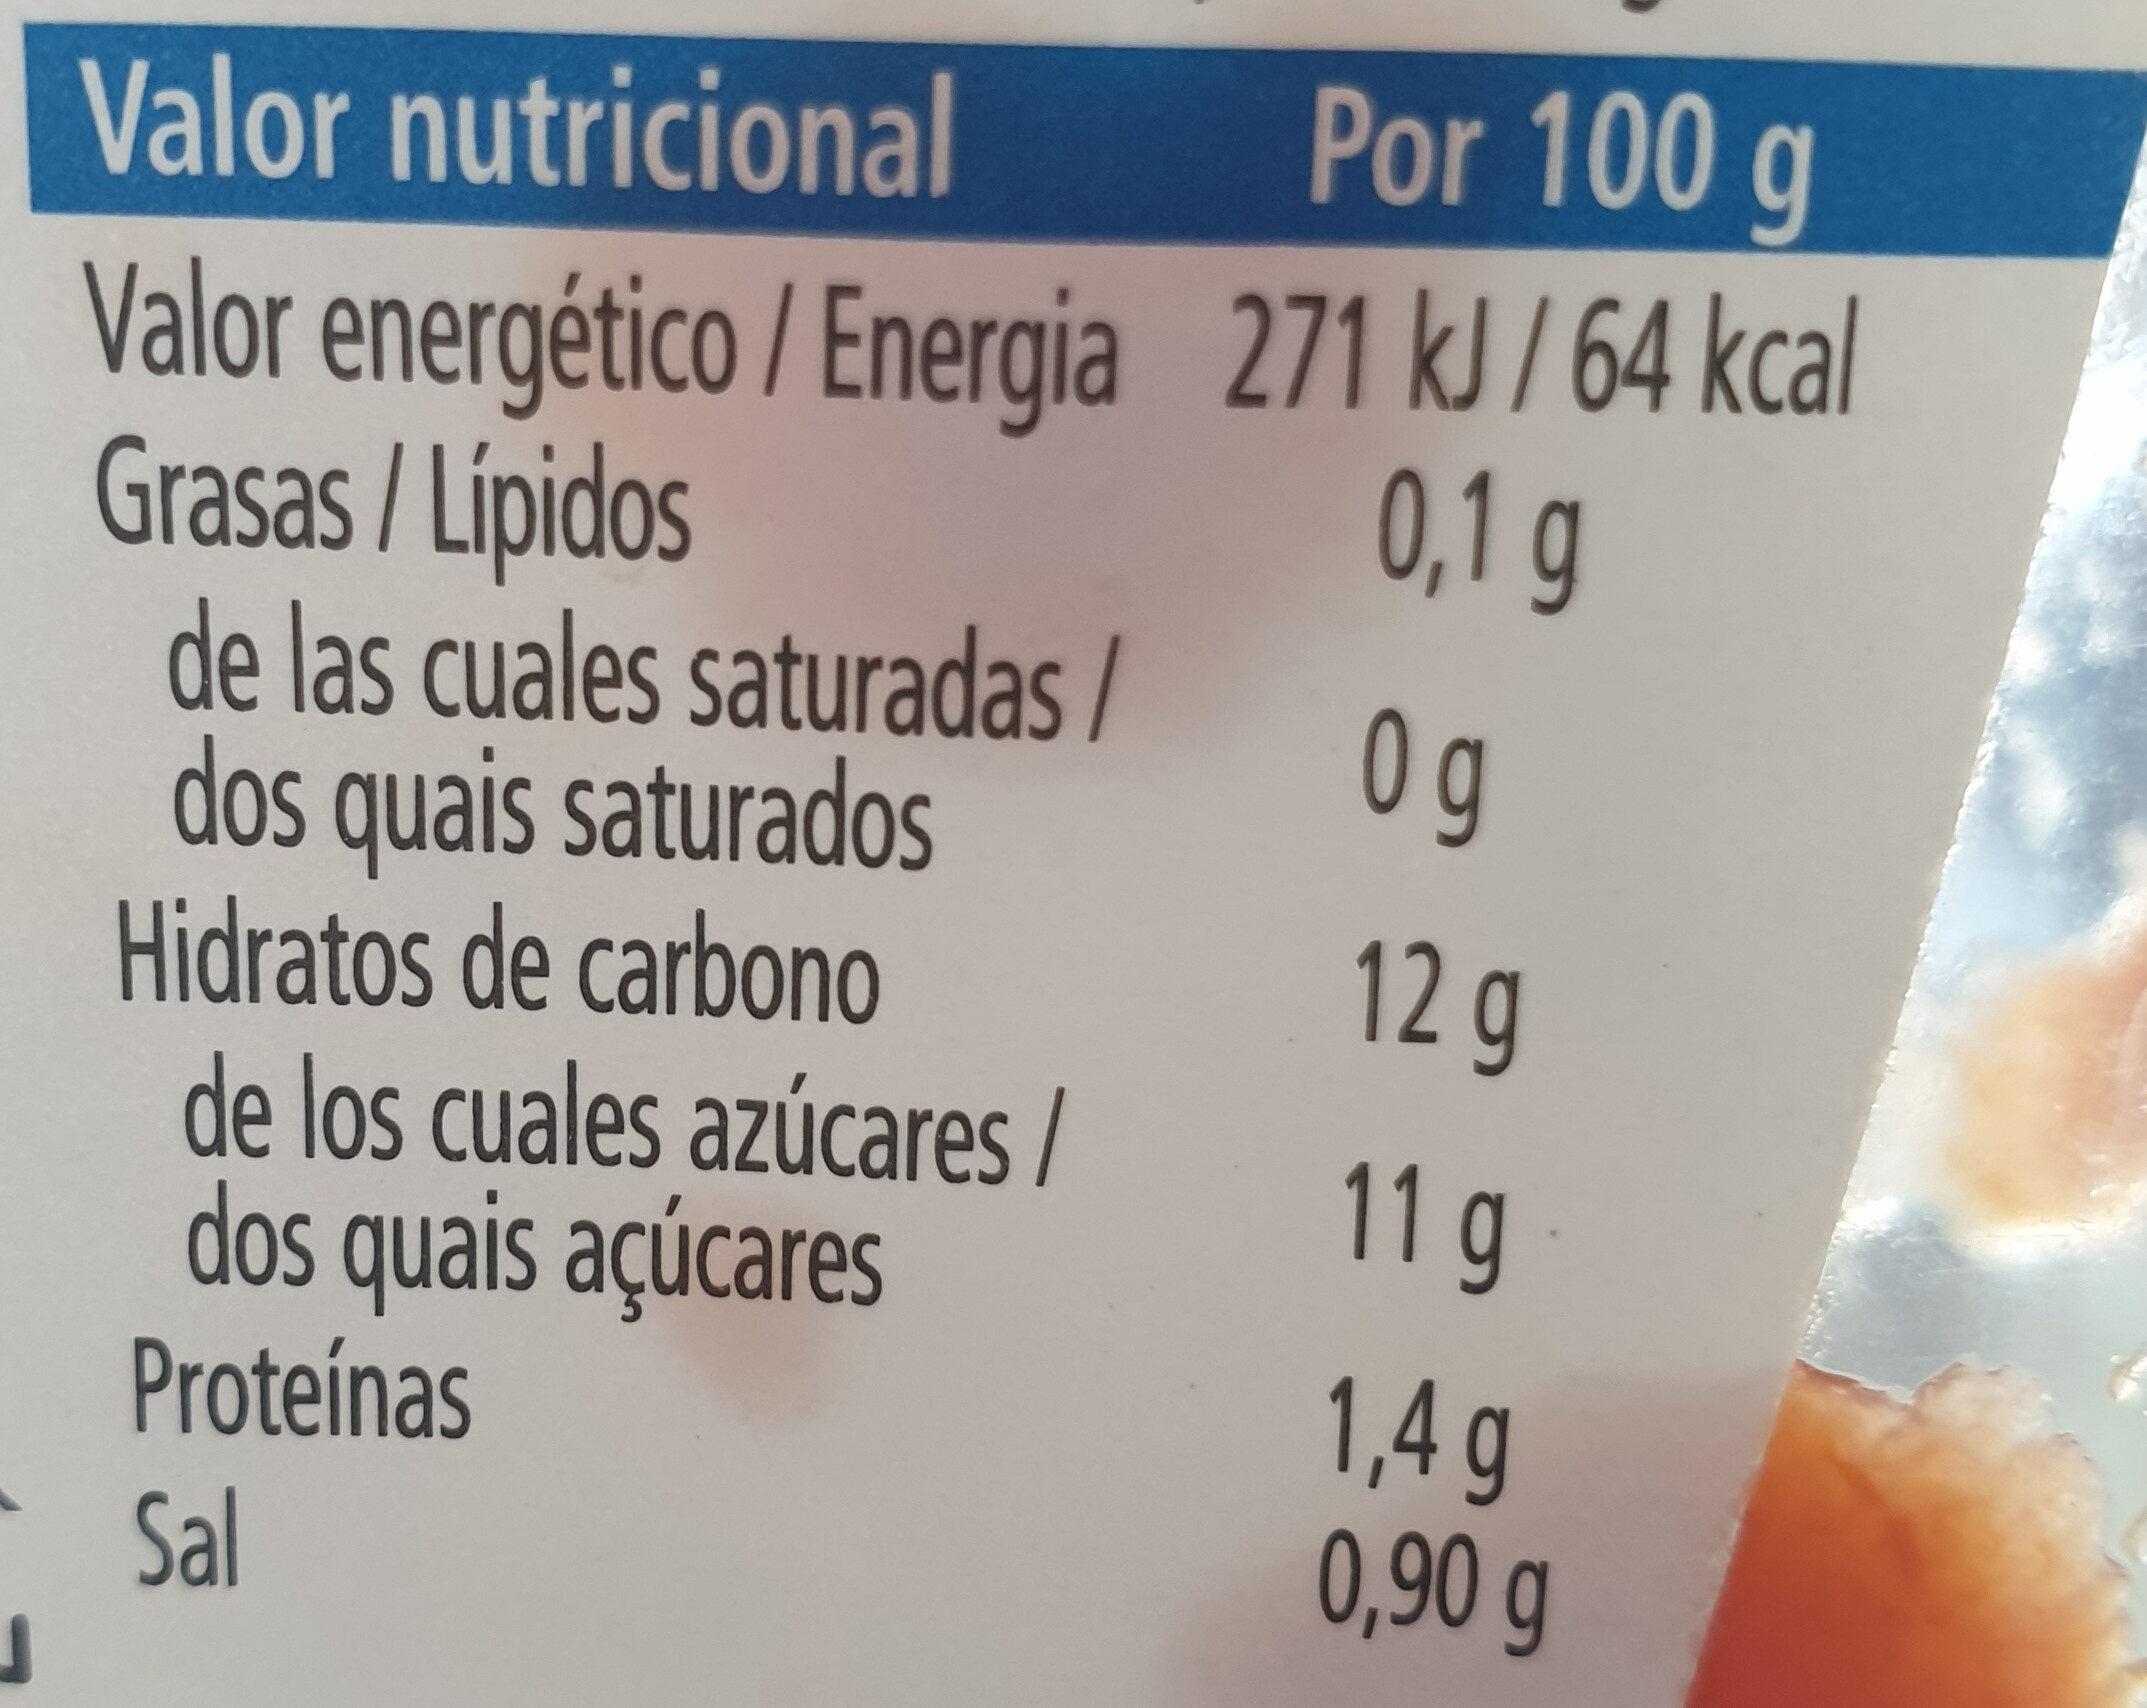 Tomato ketchup 50% menos azúcar - Informação nutricional - pt